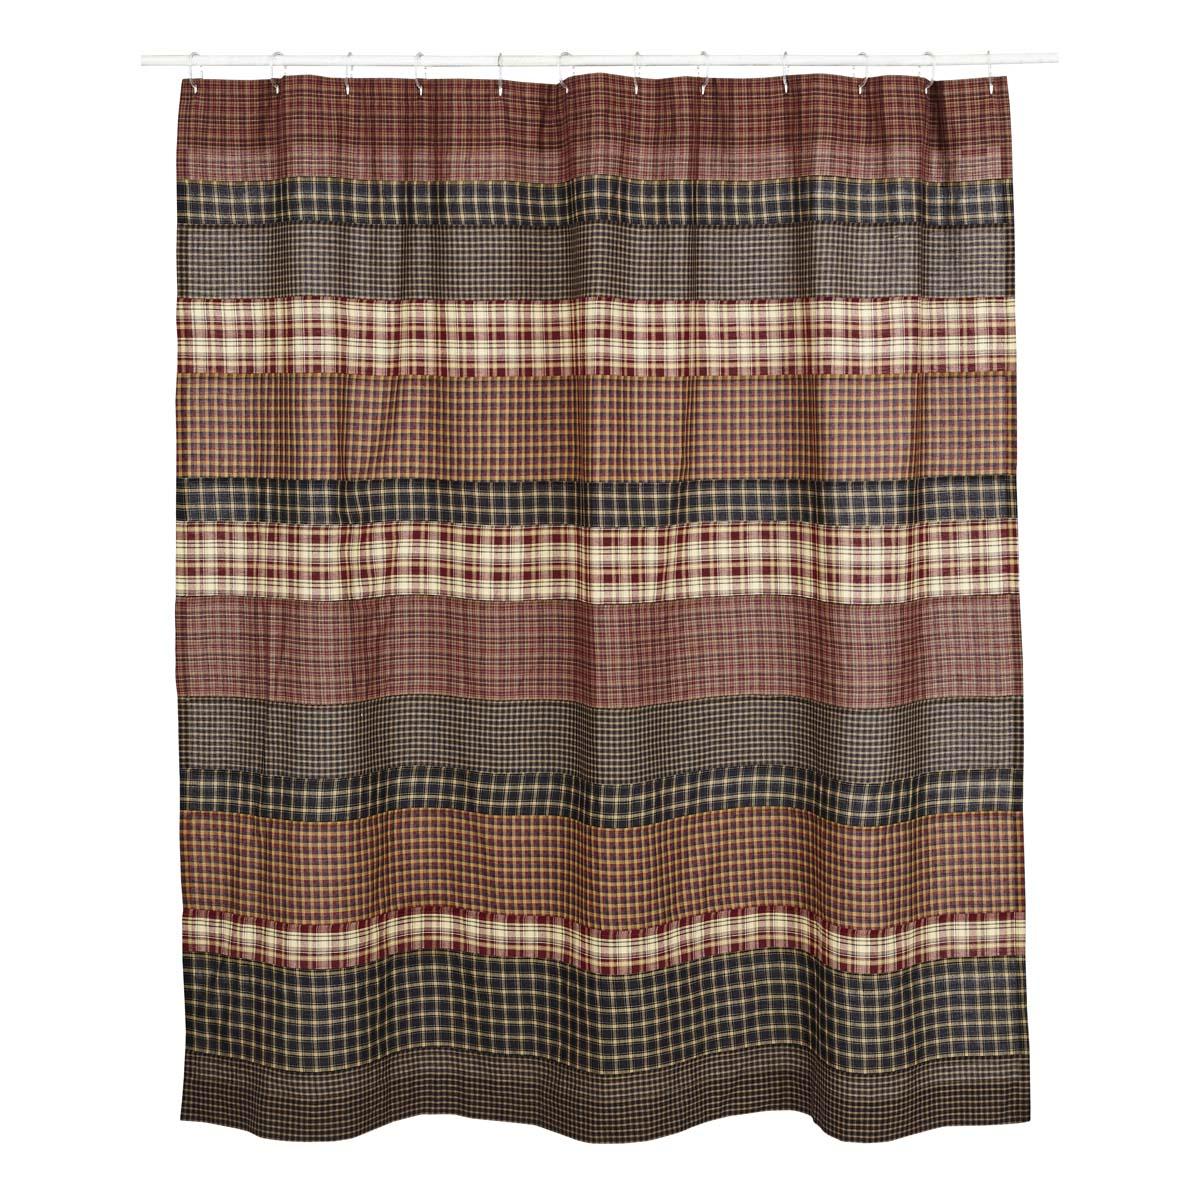 Beckham Shower Curtain 72x72